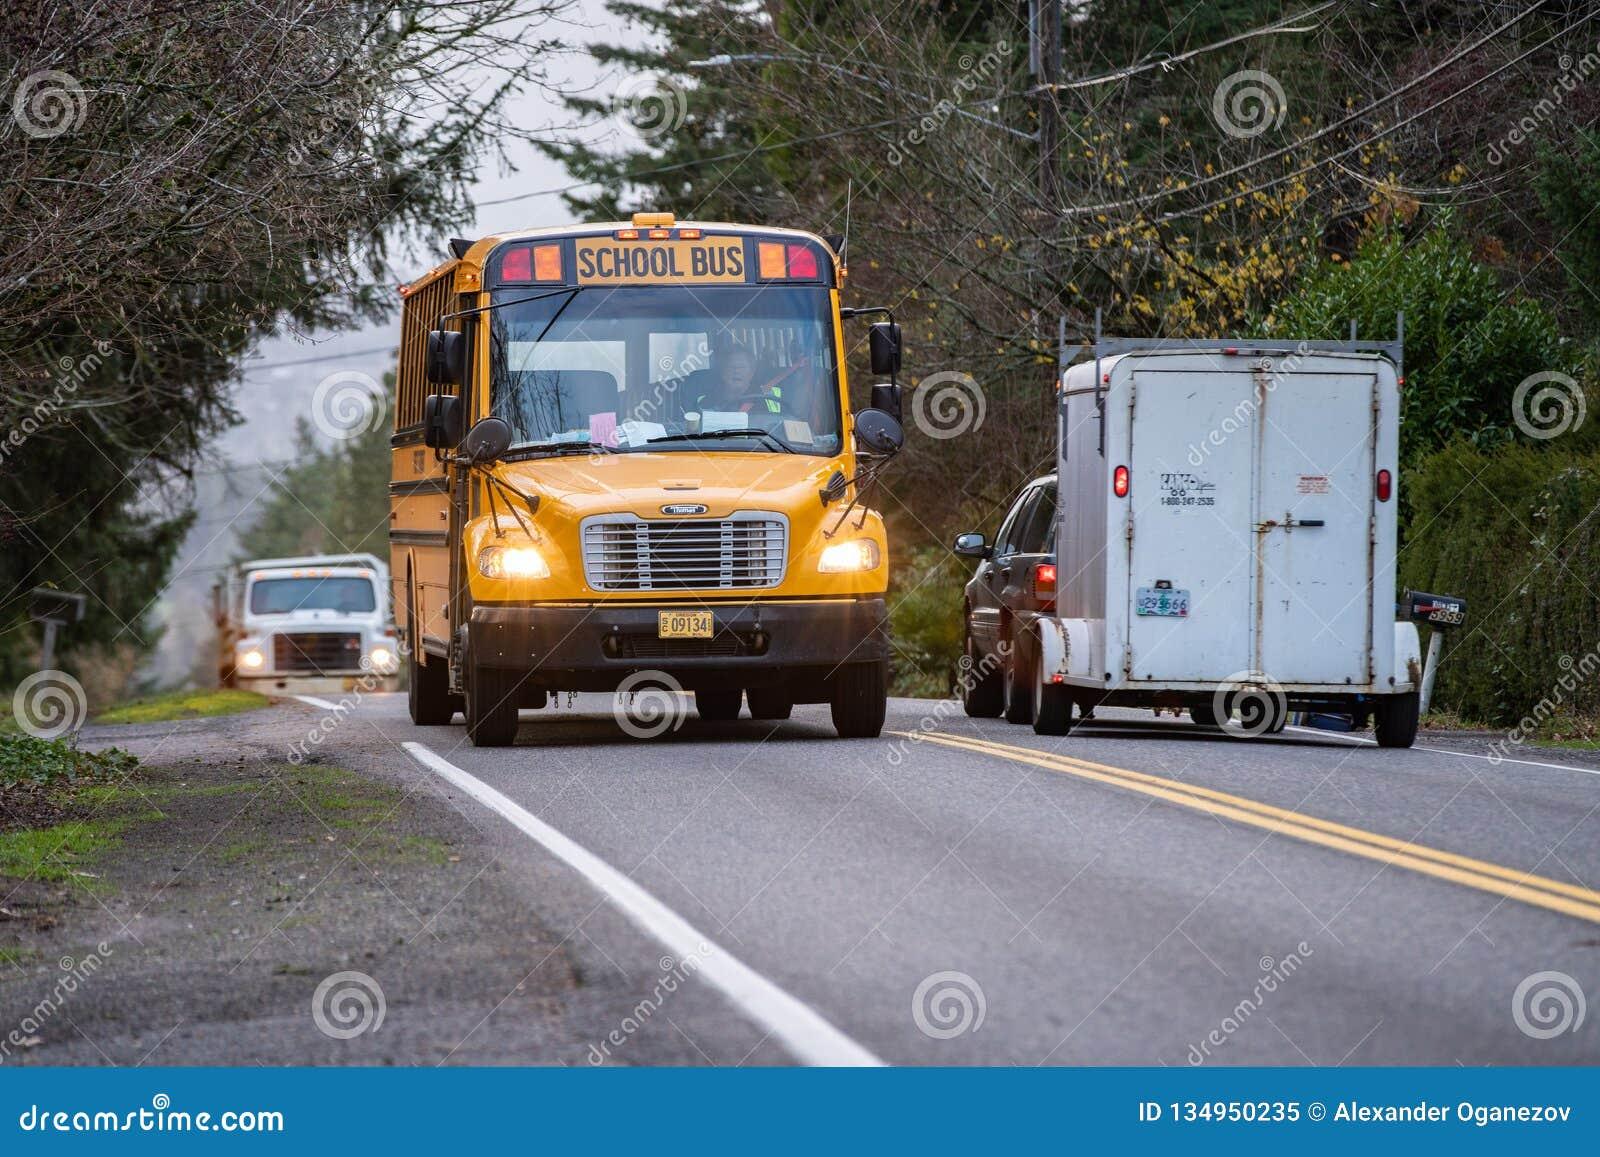 驾驶在街道上的黄色学校班车